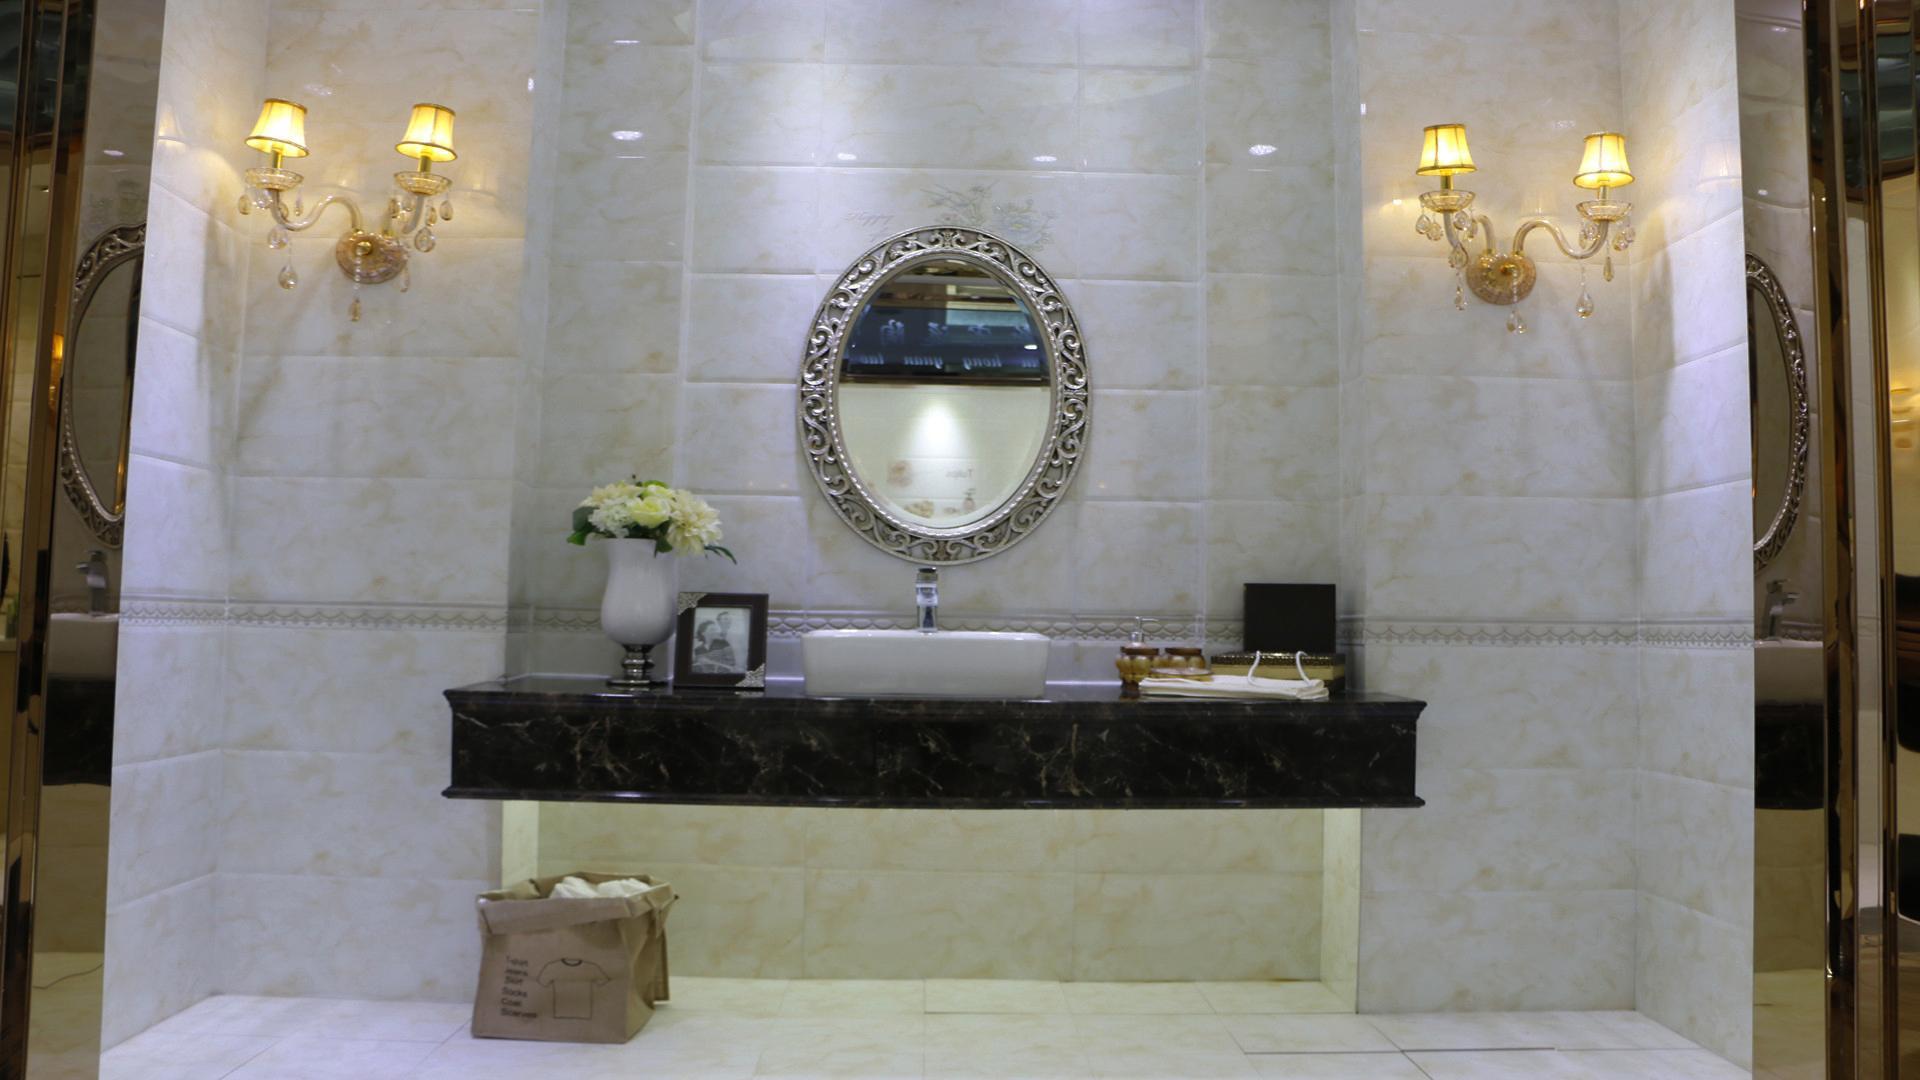 69107 陶瓷 瓷砖 高级5D喷墨 卫生间内墙砖